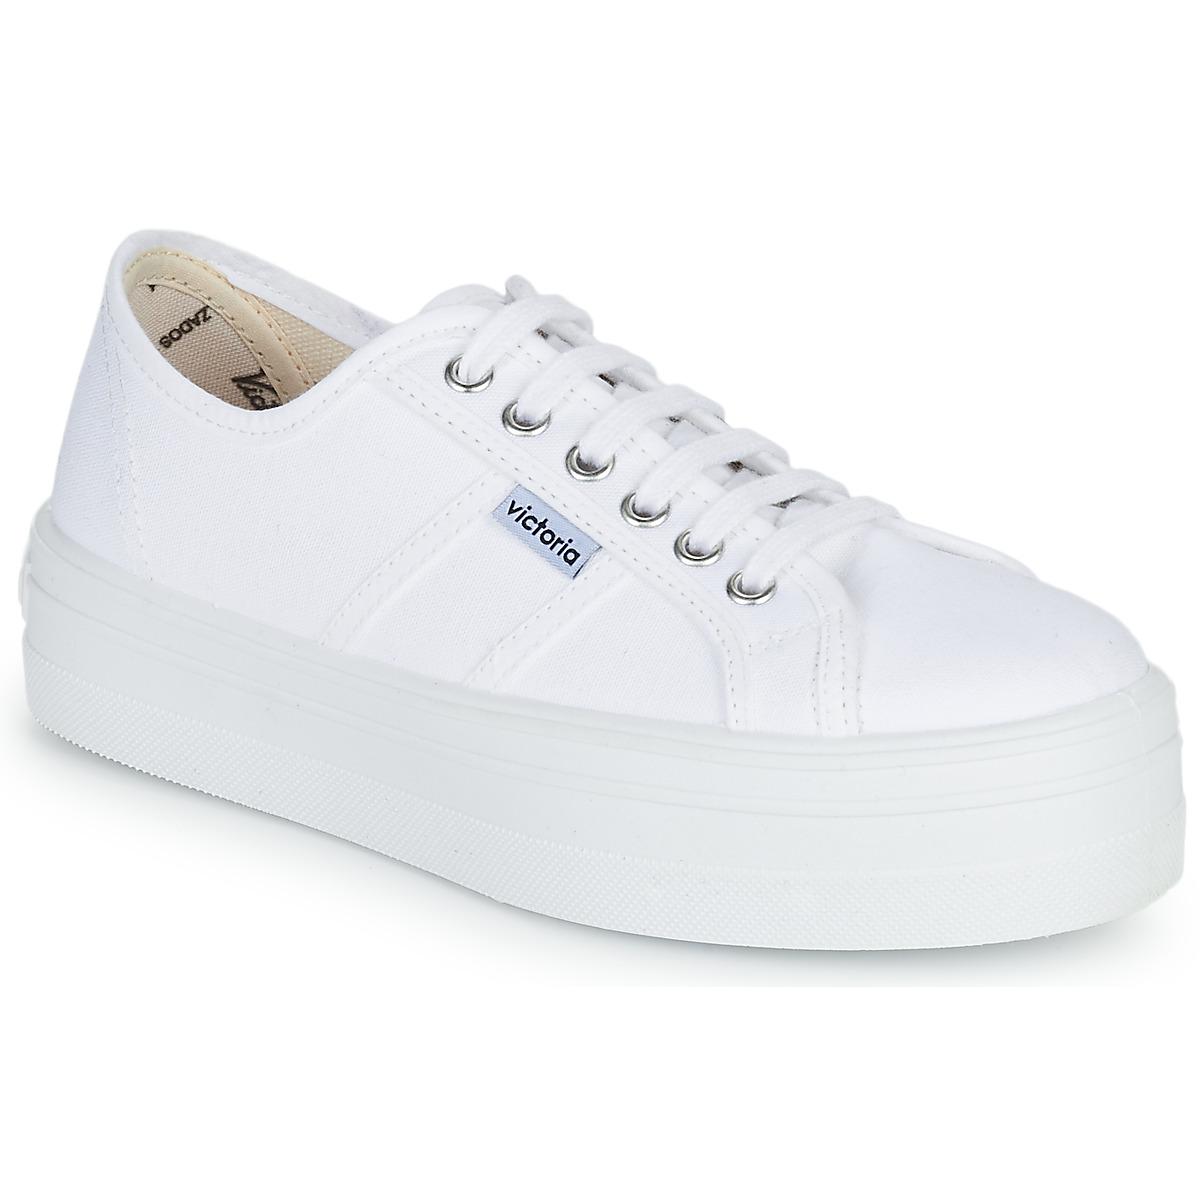 Bianco Blucher Plataforma Gratuita Victoria Lona Consegna PkX8n0wO